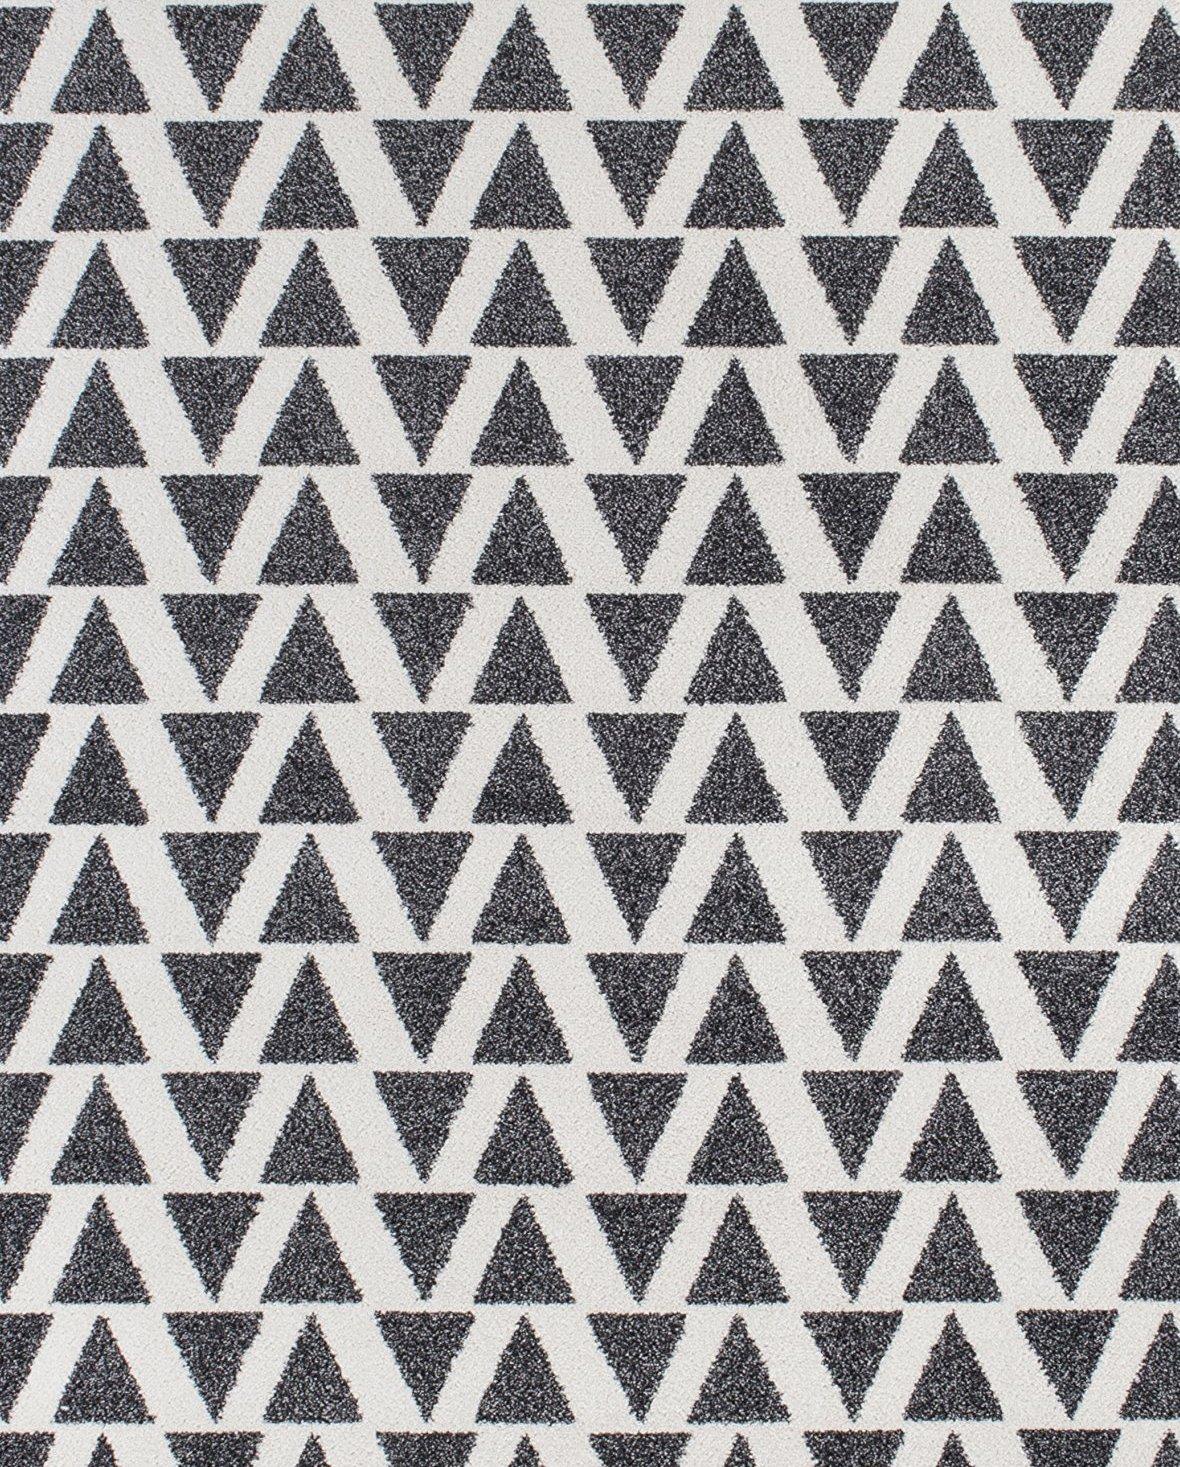 Andiamo Kurzflor Web Isos Teppich, Teppich, Teppich, Polypropylen, Creme grau, 133.0 x 190.0 x 1.5 cm 639b0e